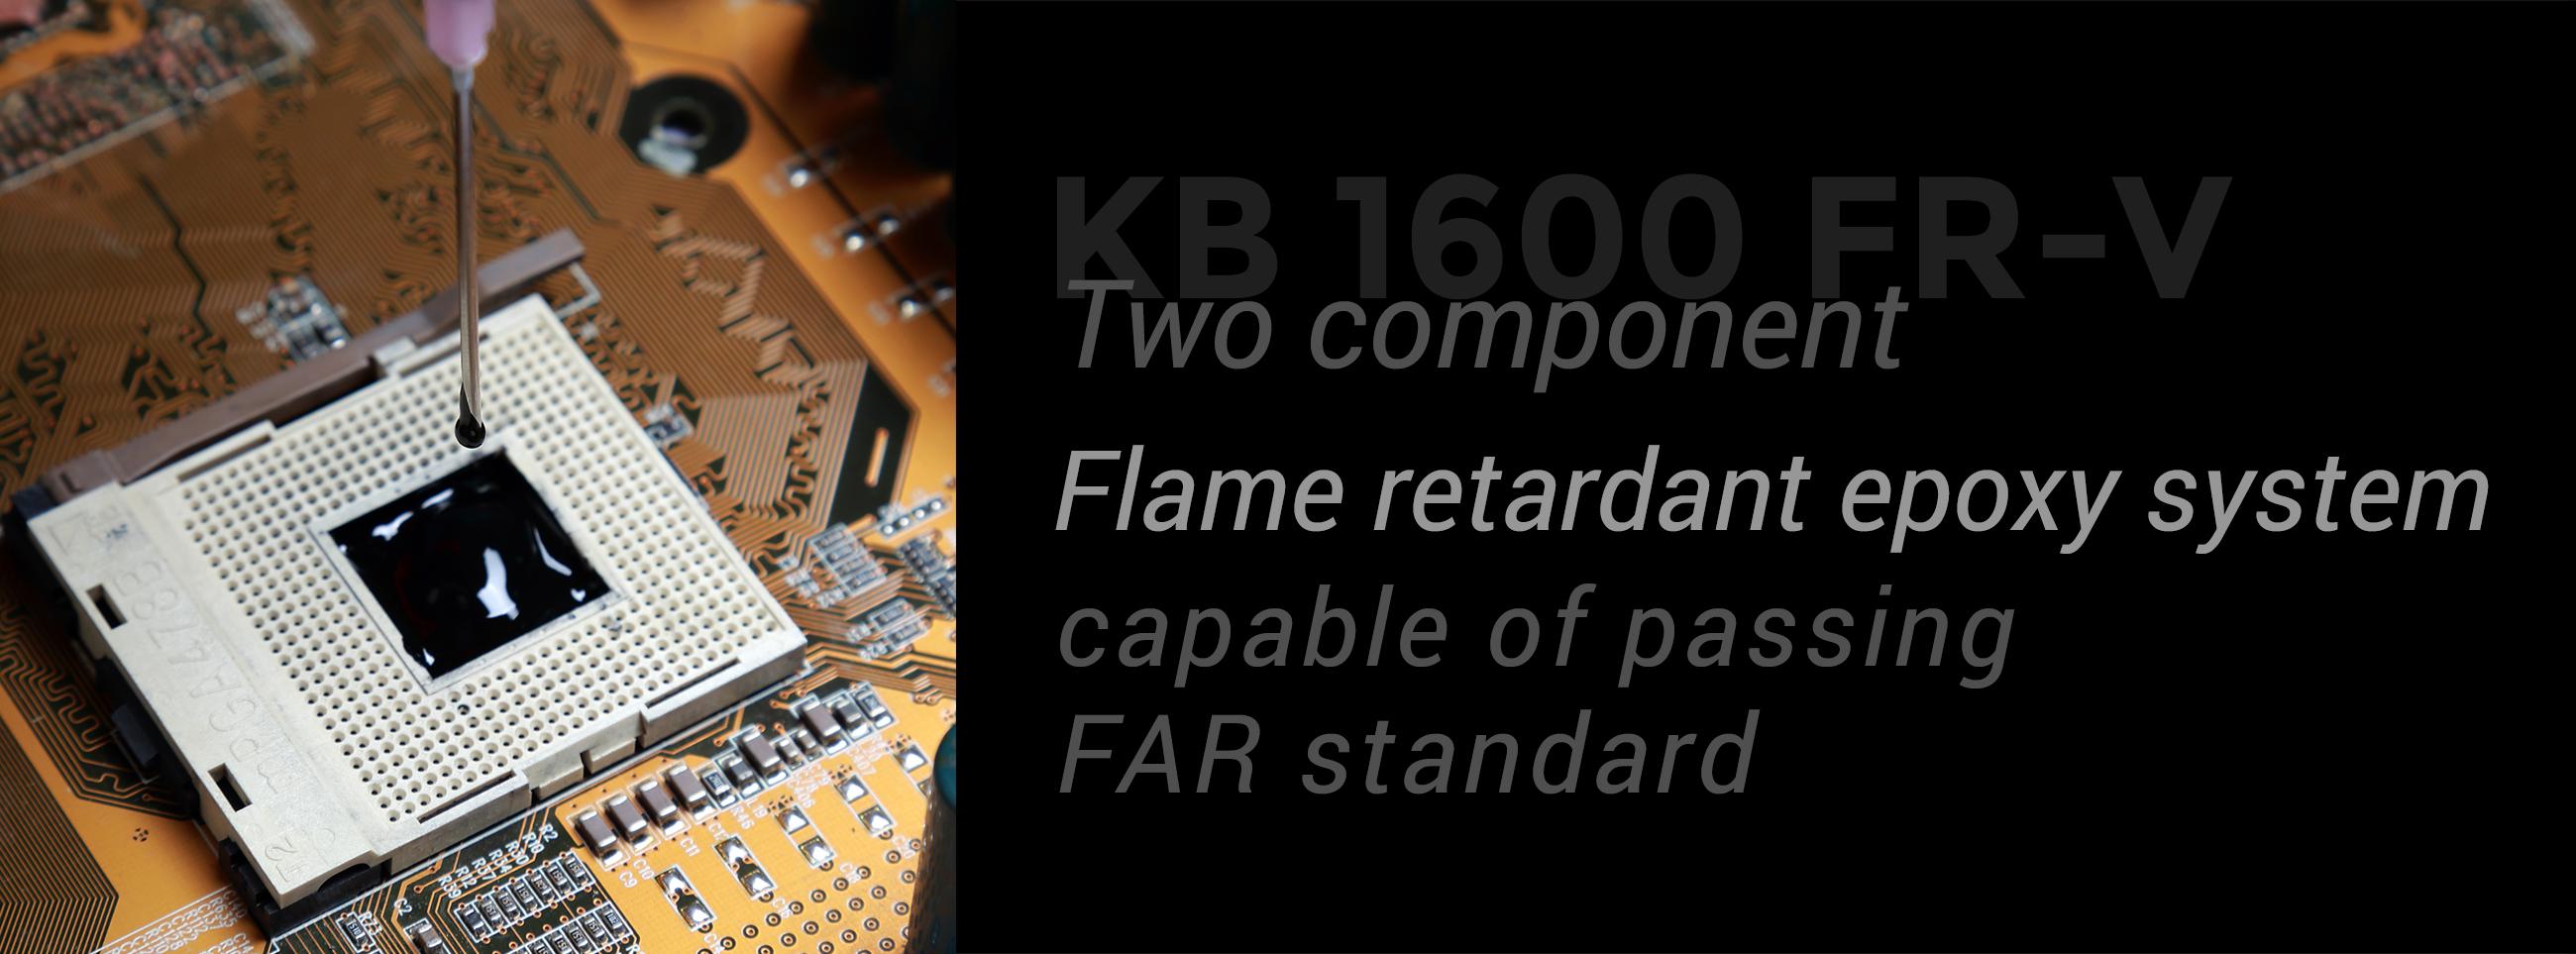 KB 1600 FR-V